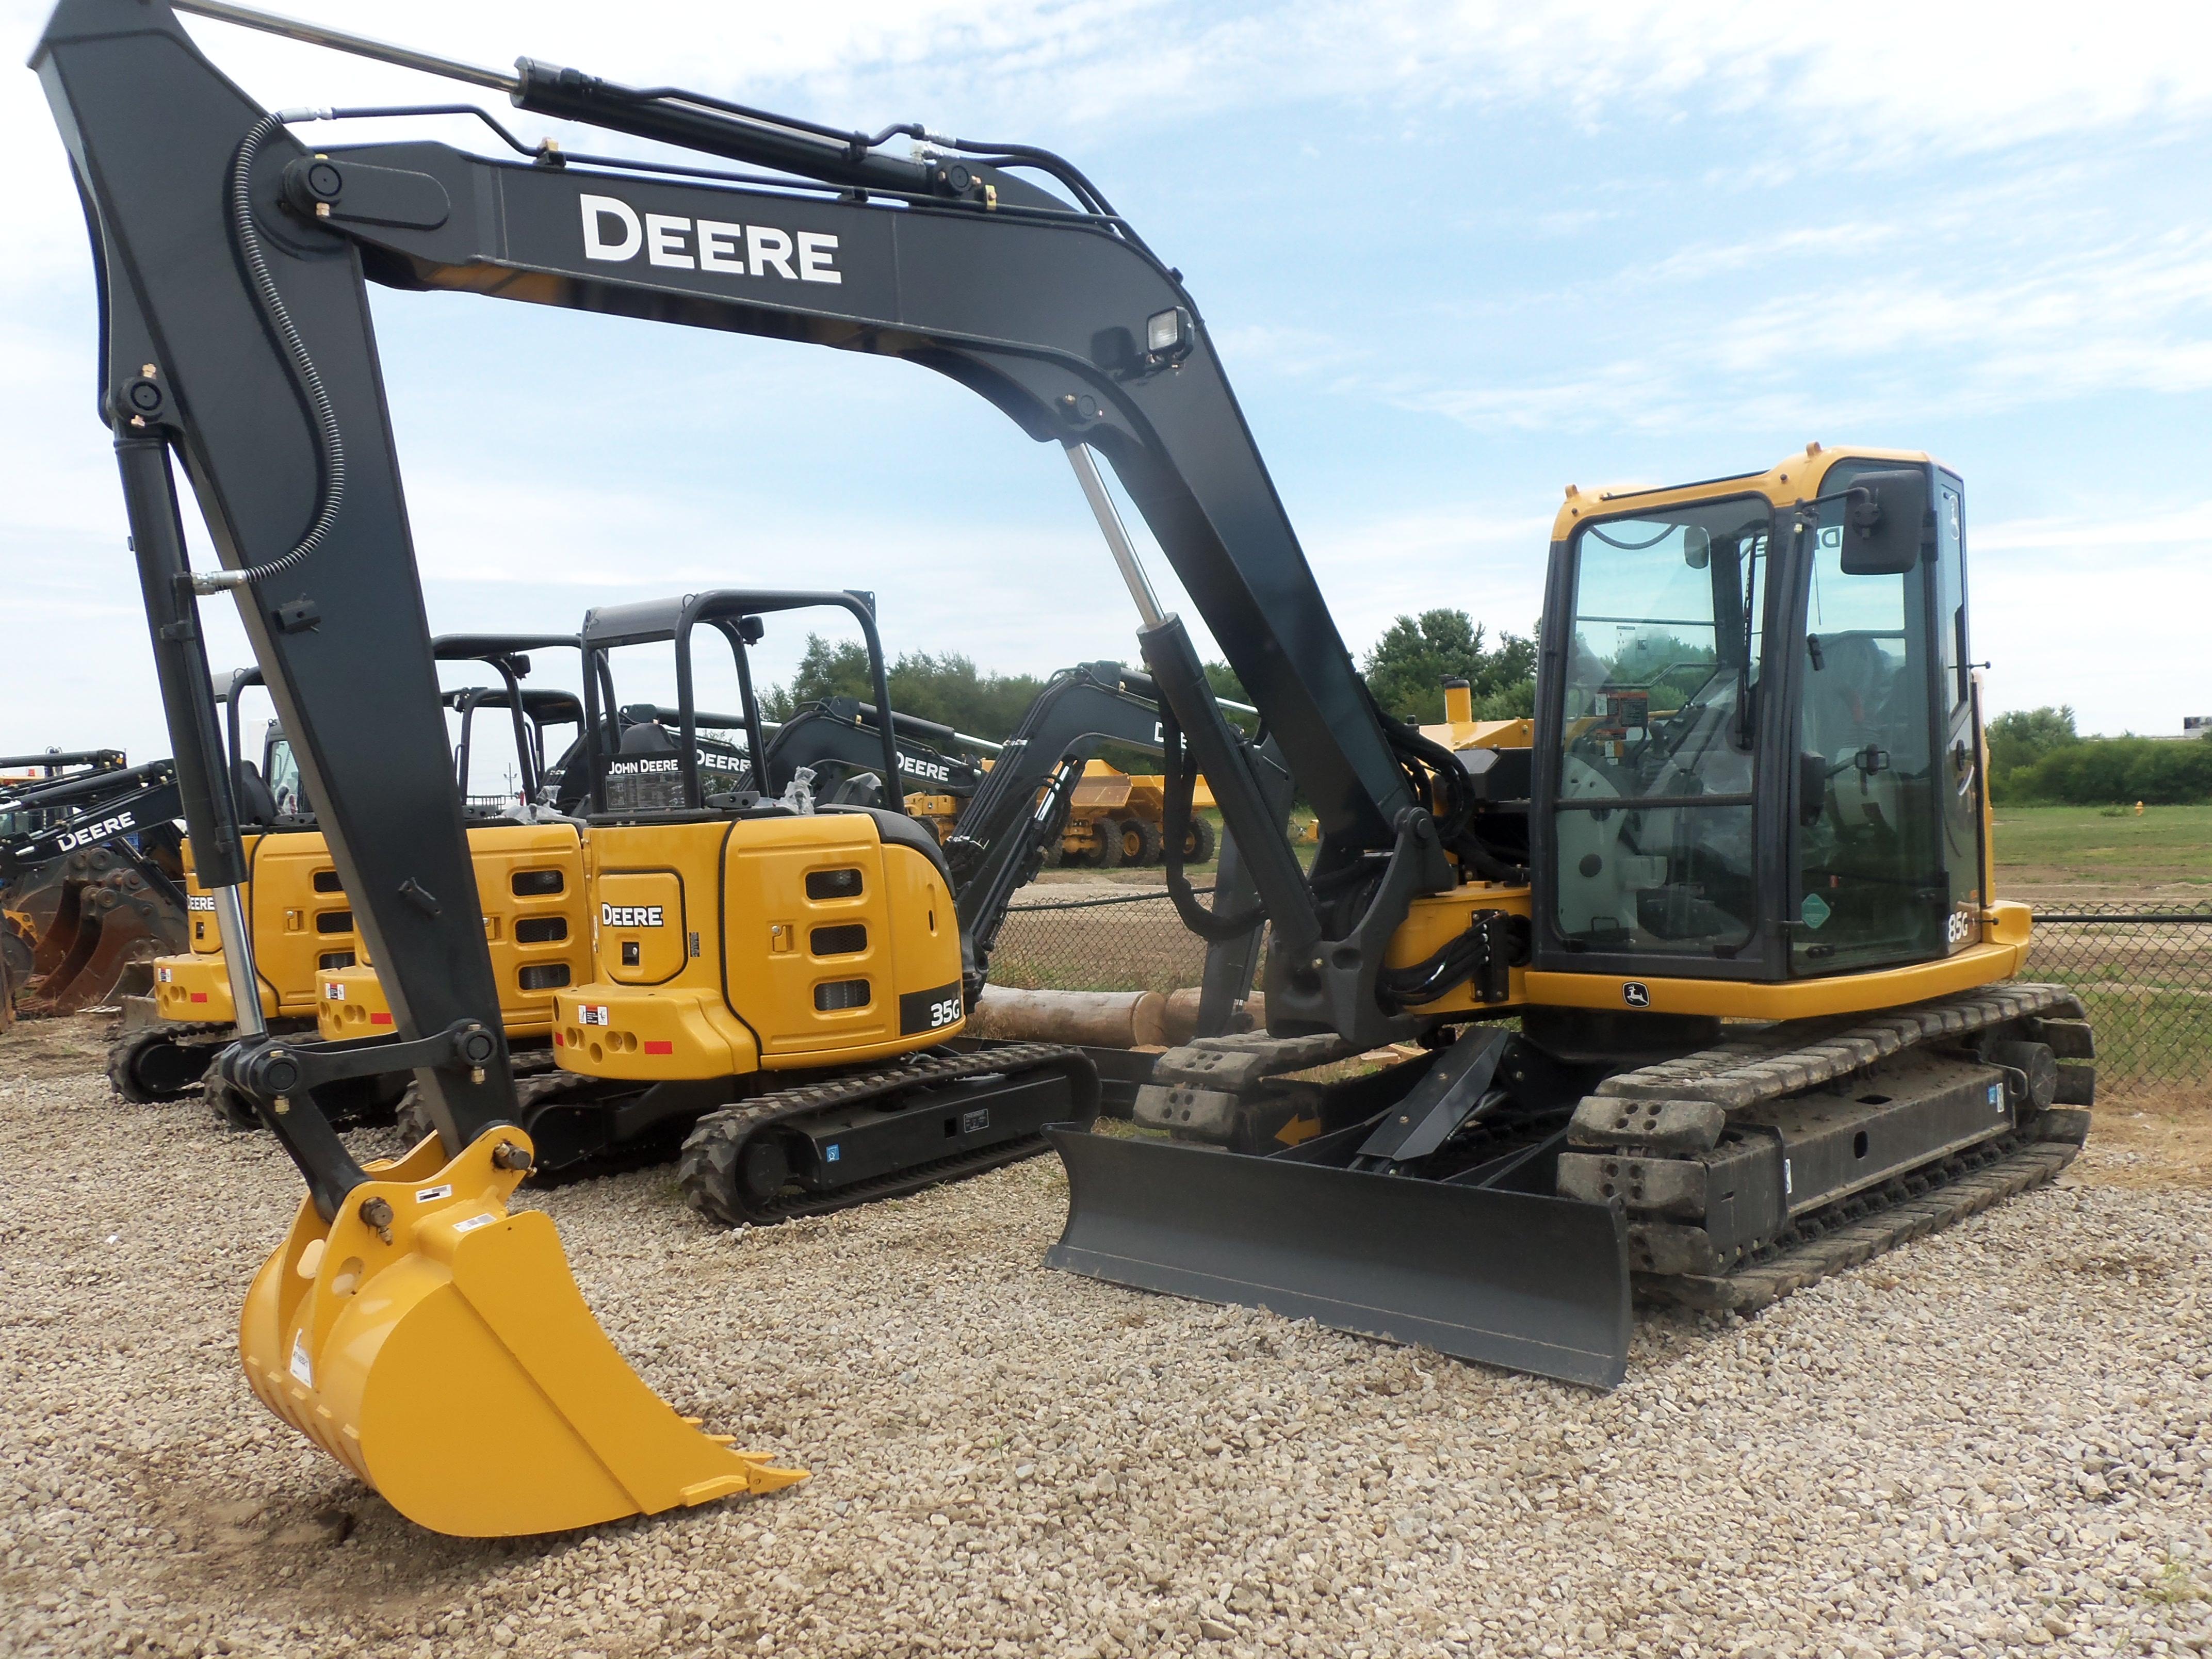 John Deere 85G compact excavator John Deere, Jd Construction, 85G ...